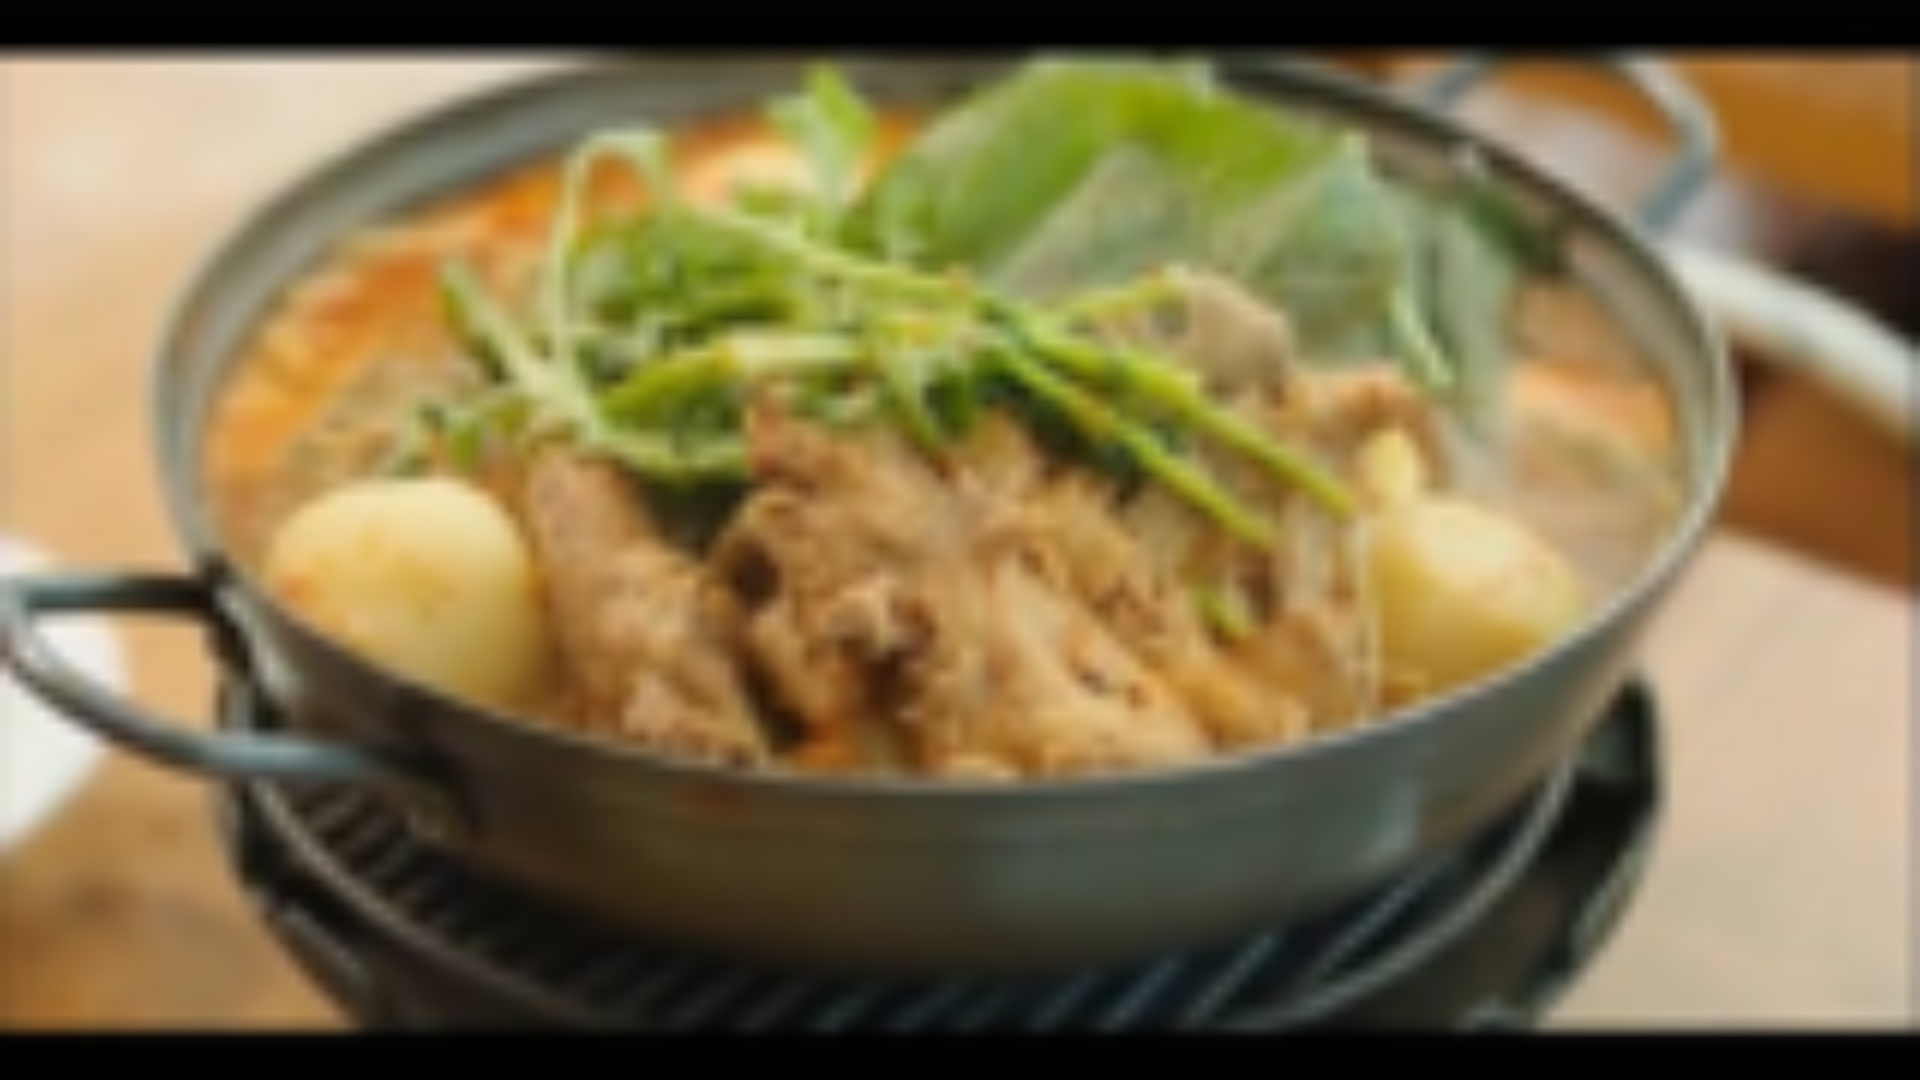 说好的土豆汤,为何端上来一锅骨头肉?看饿了系列